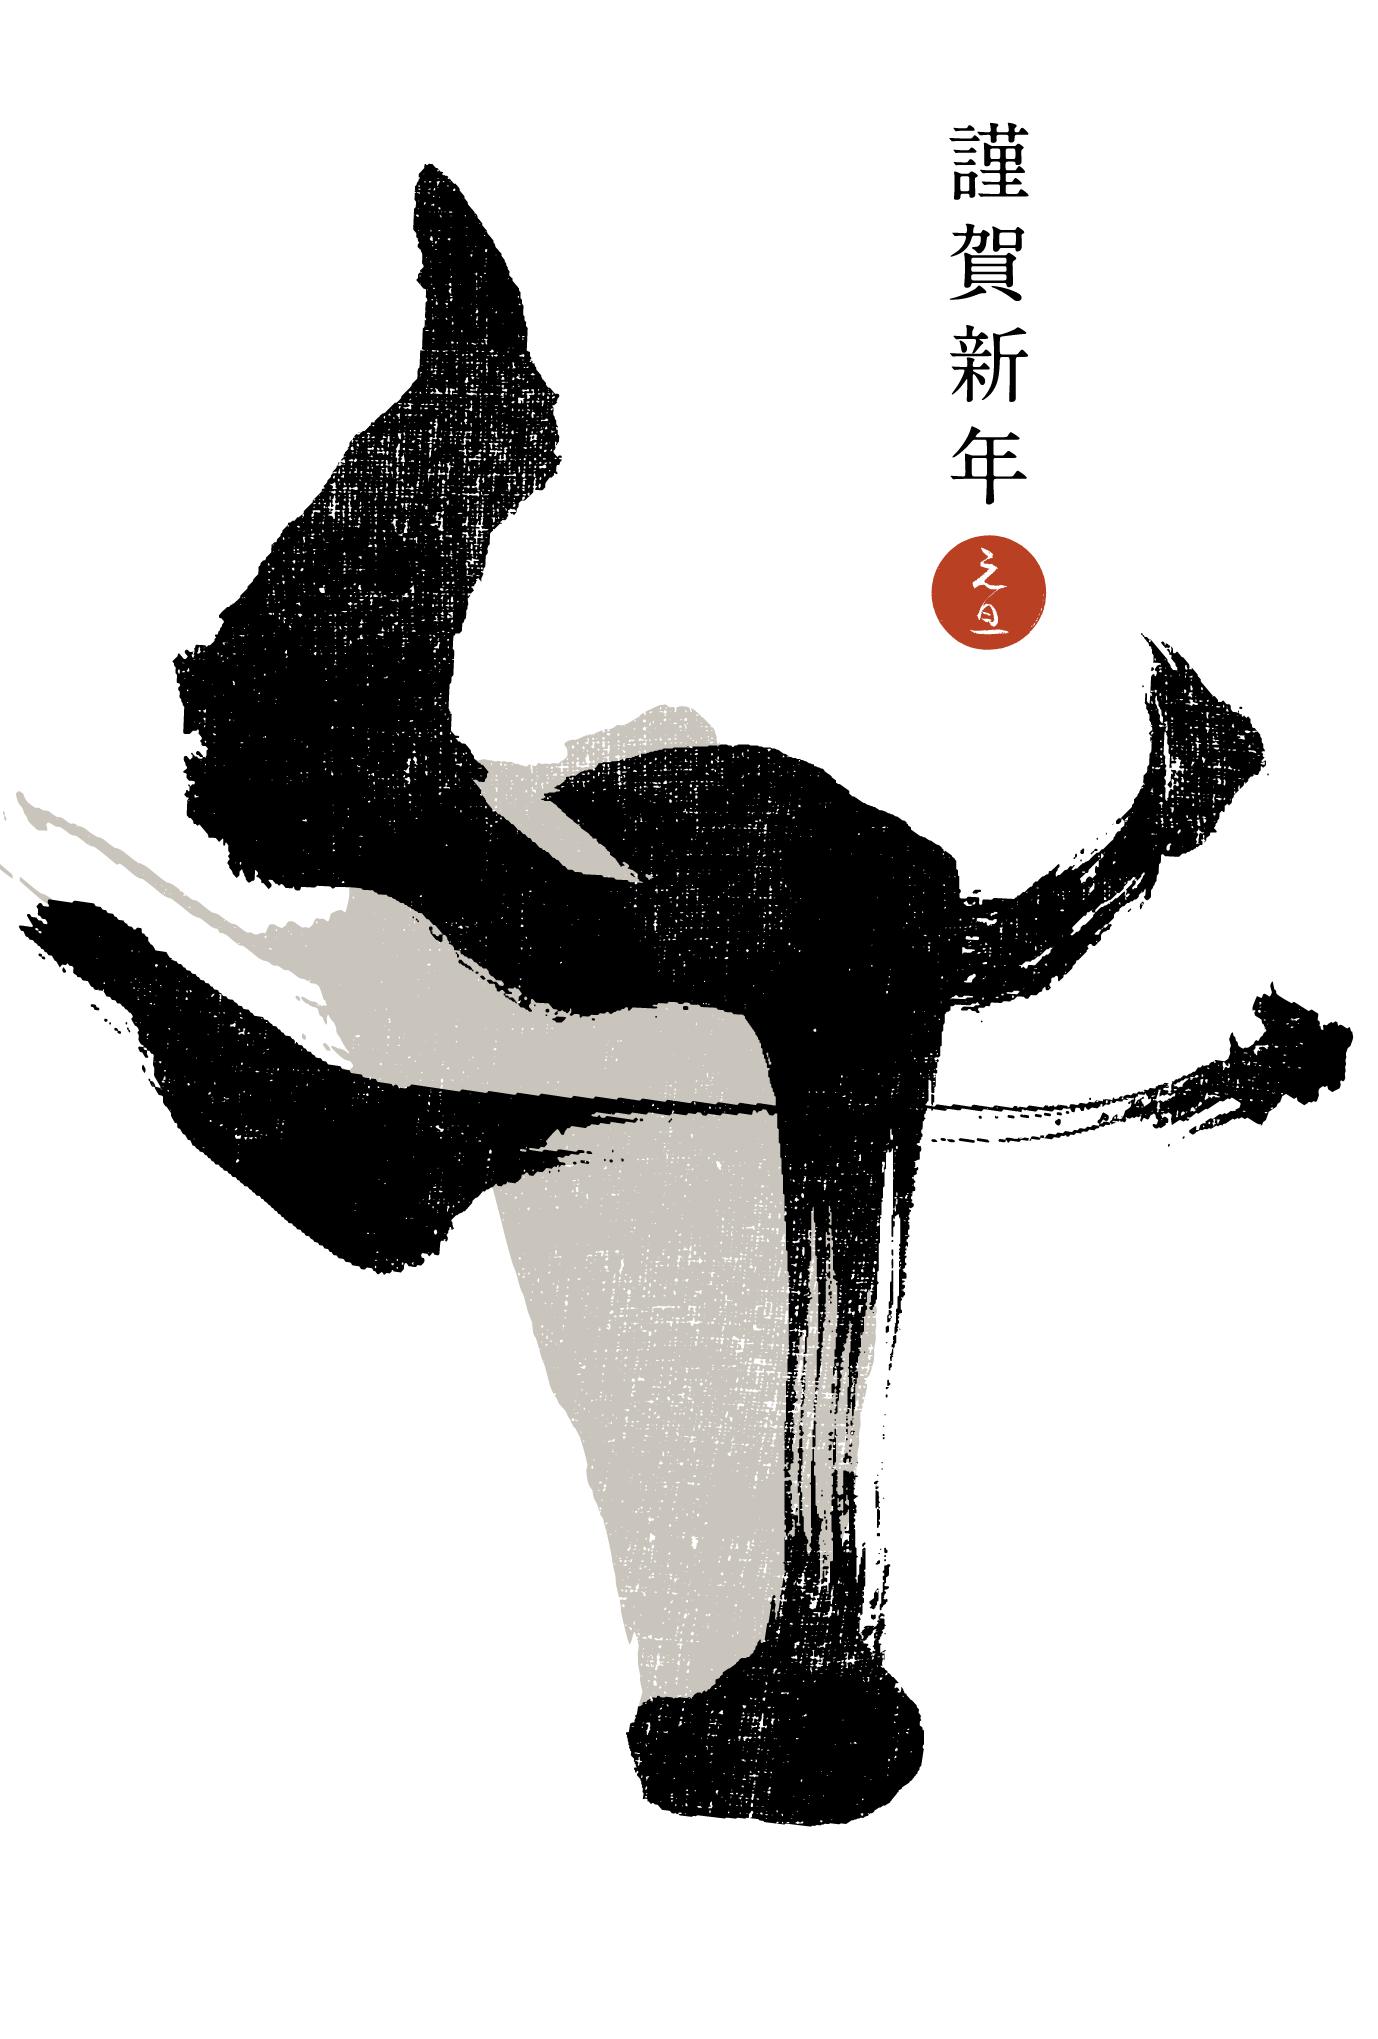 2021年賀状12-1:牛 Calligraphy / B(謹賀新年)縦のダウンロード画像